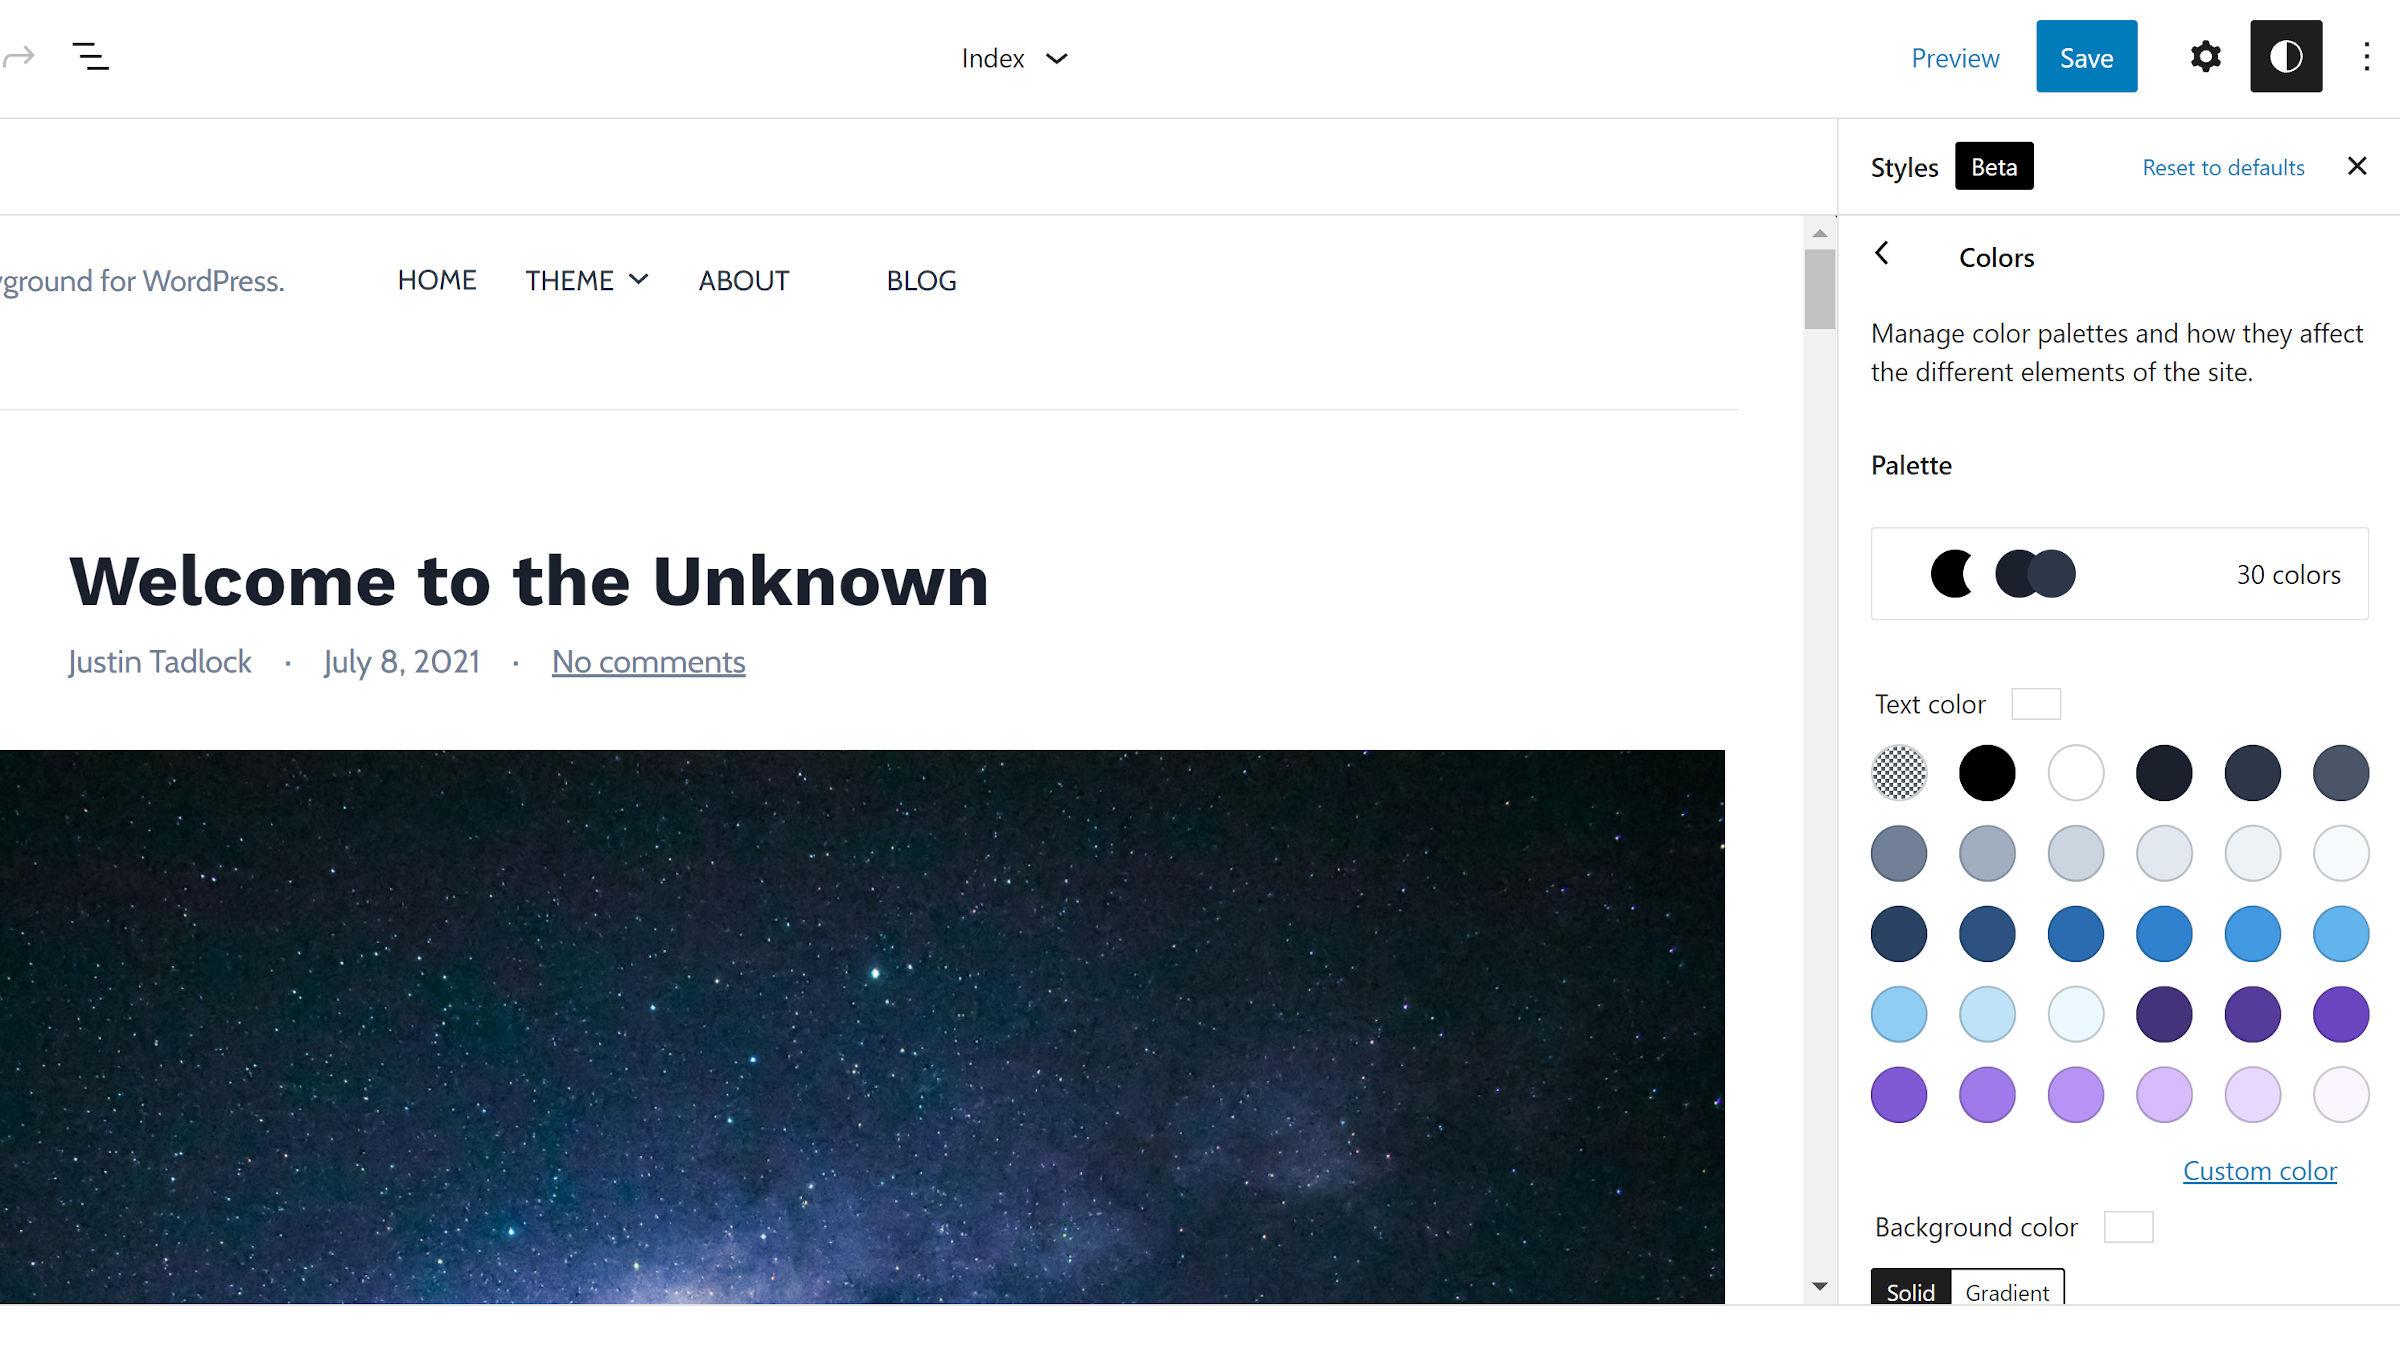 Barra laterale degli stili globali evidenziata nell'editor del sito con la sezione Colori aperta.